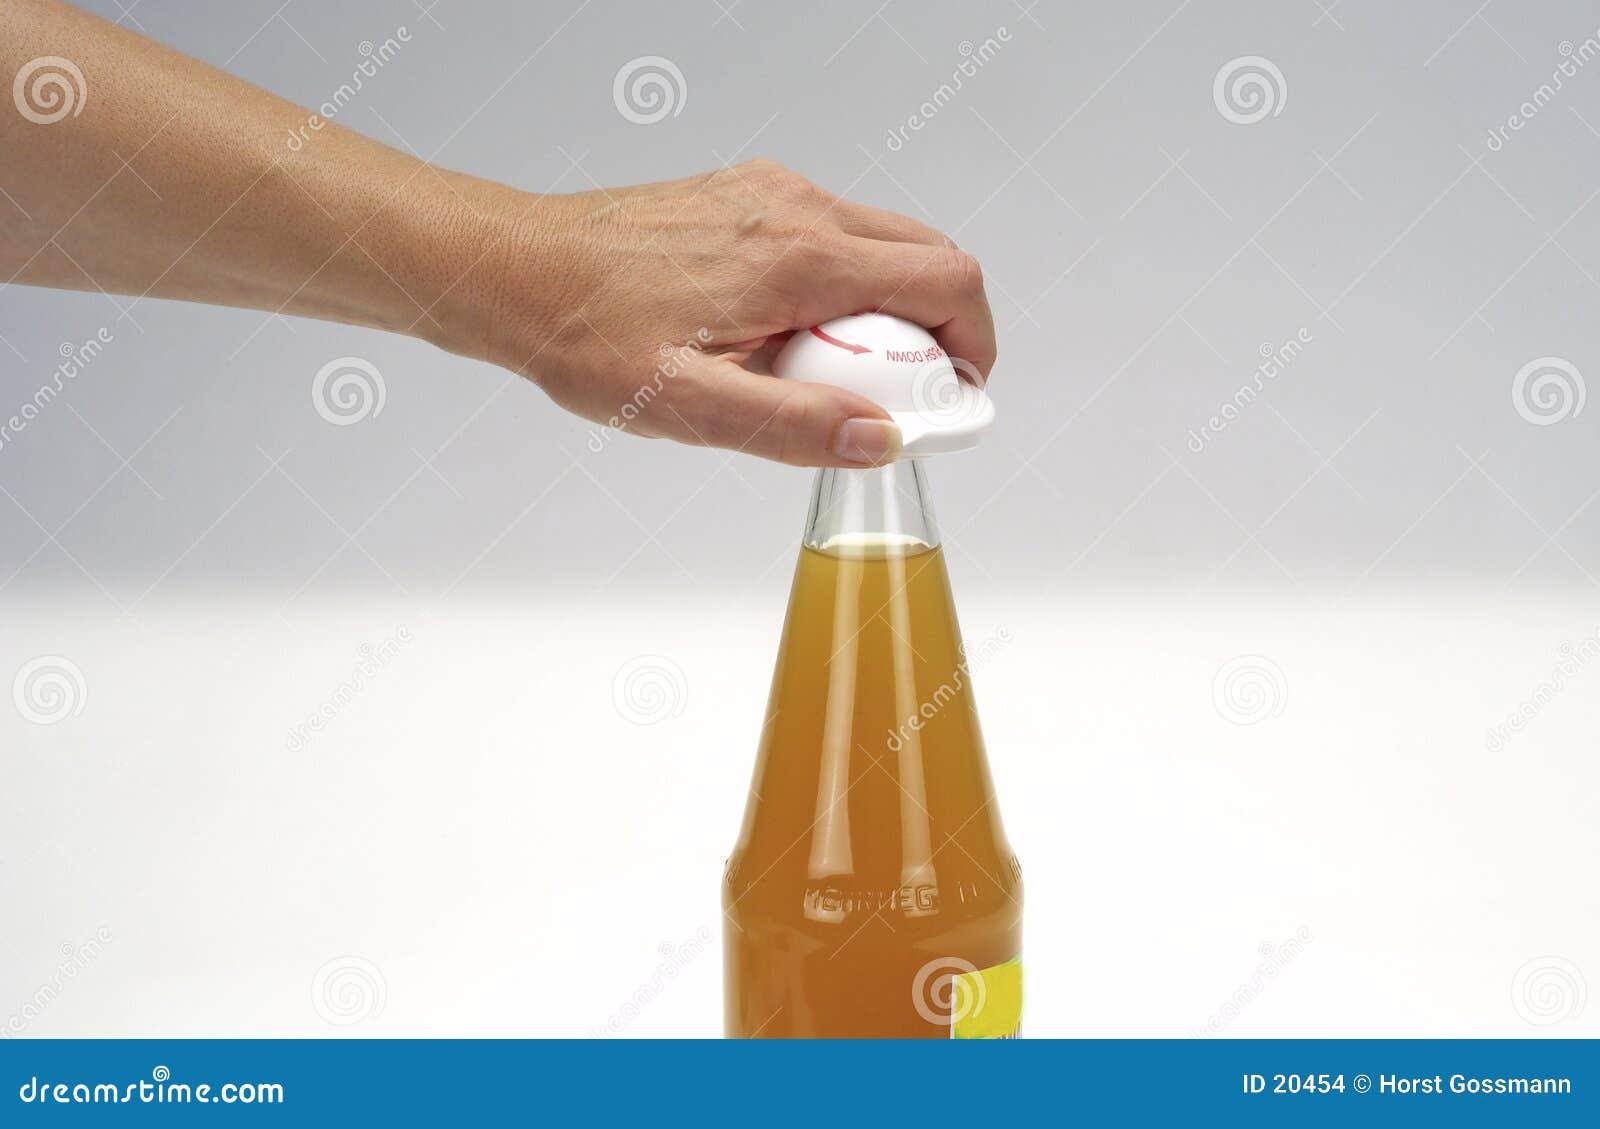 Flasche und Hand